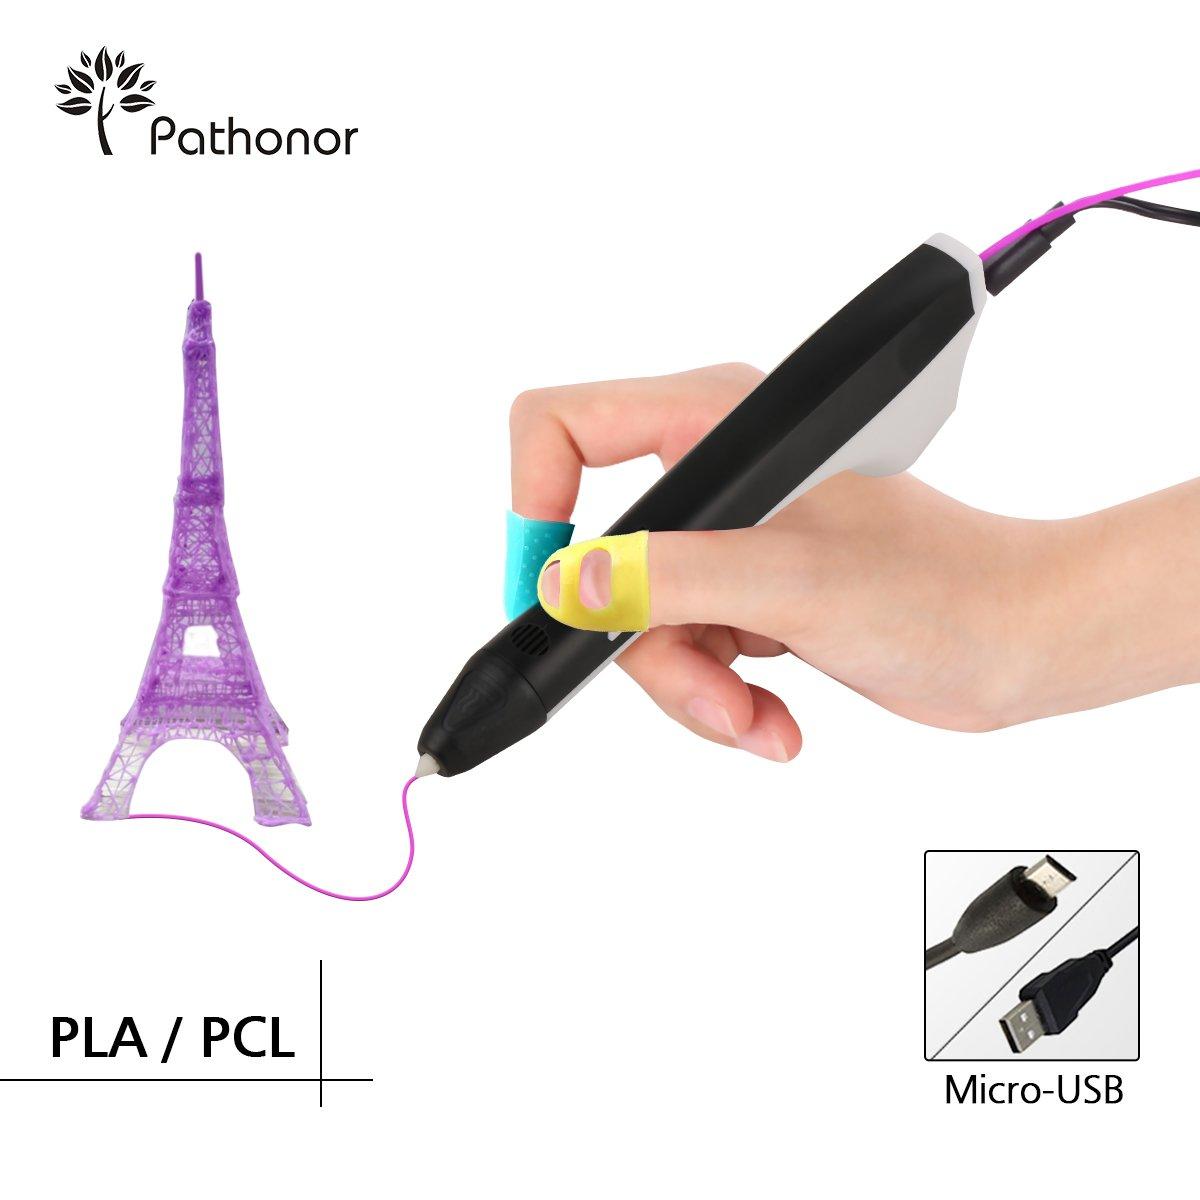 Pathonor 3D Stylo d'impression PCL/PLA Non-Toxique 3D Pen pour Enfant et Adulte avec 2 Paquets de 3D Filament et 2 Manchon de Doigts Le Cadeau Idéal pour Petits Enfants